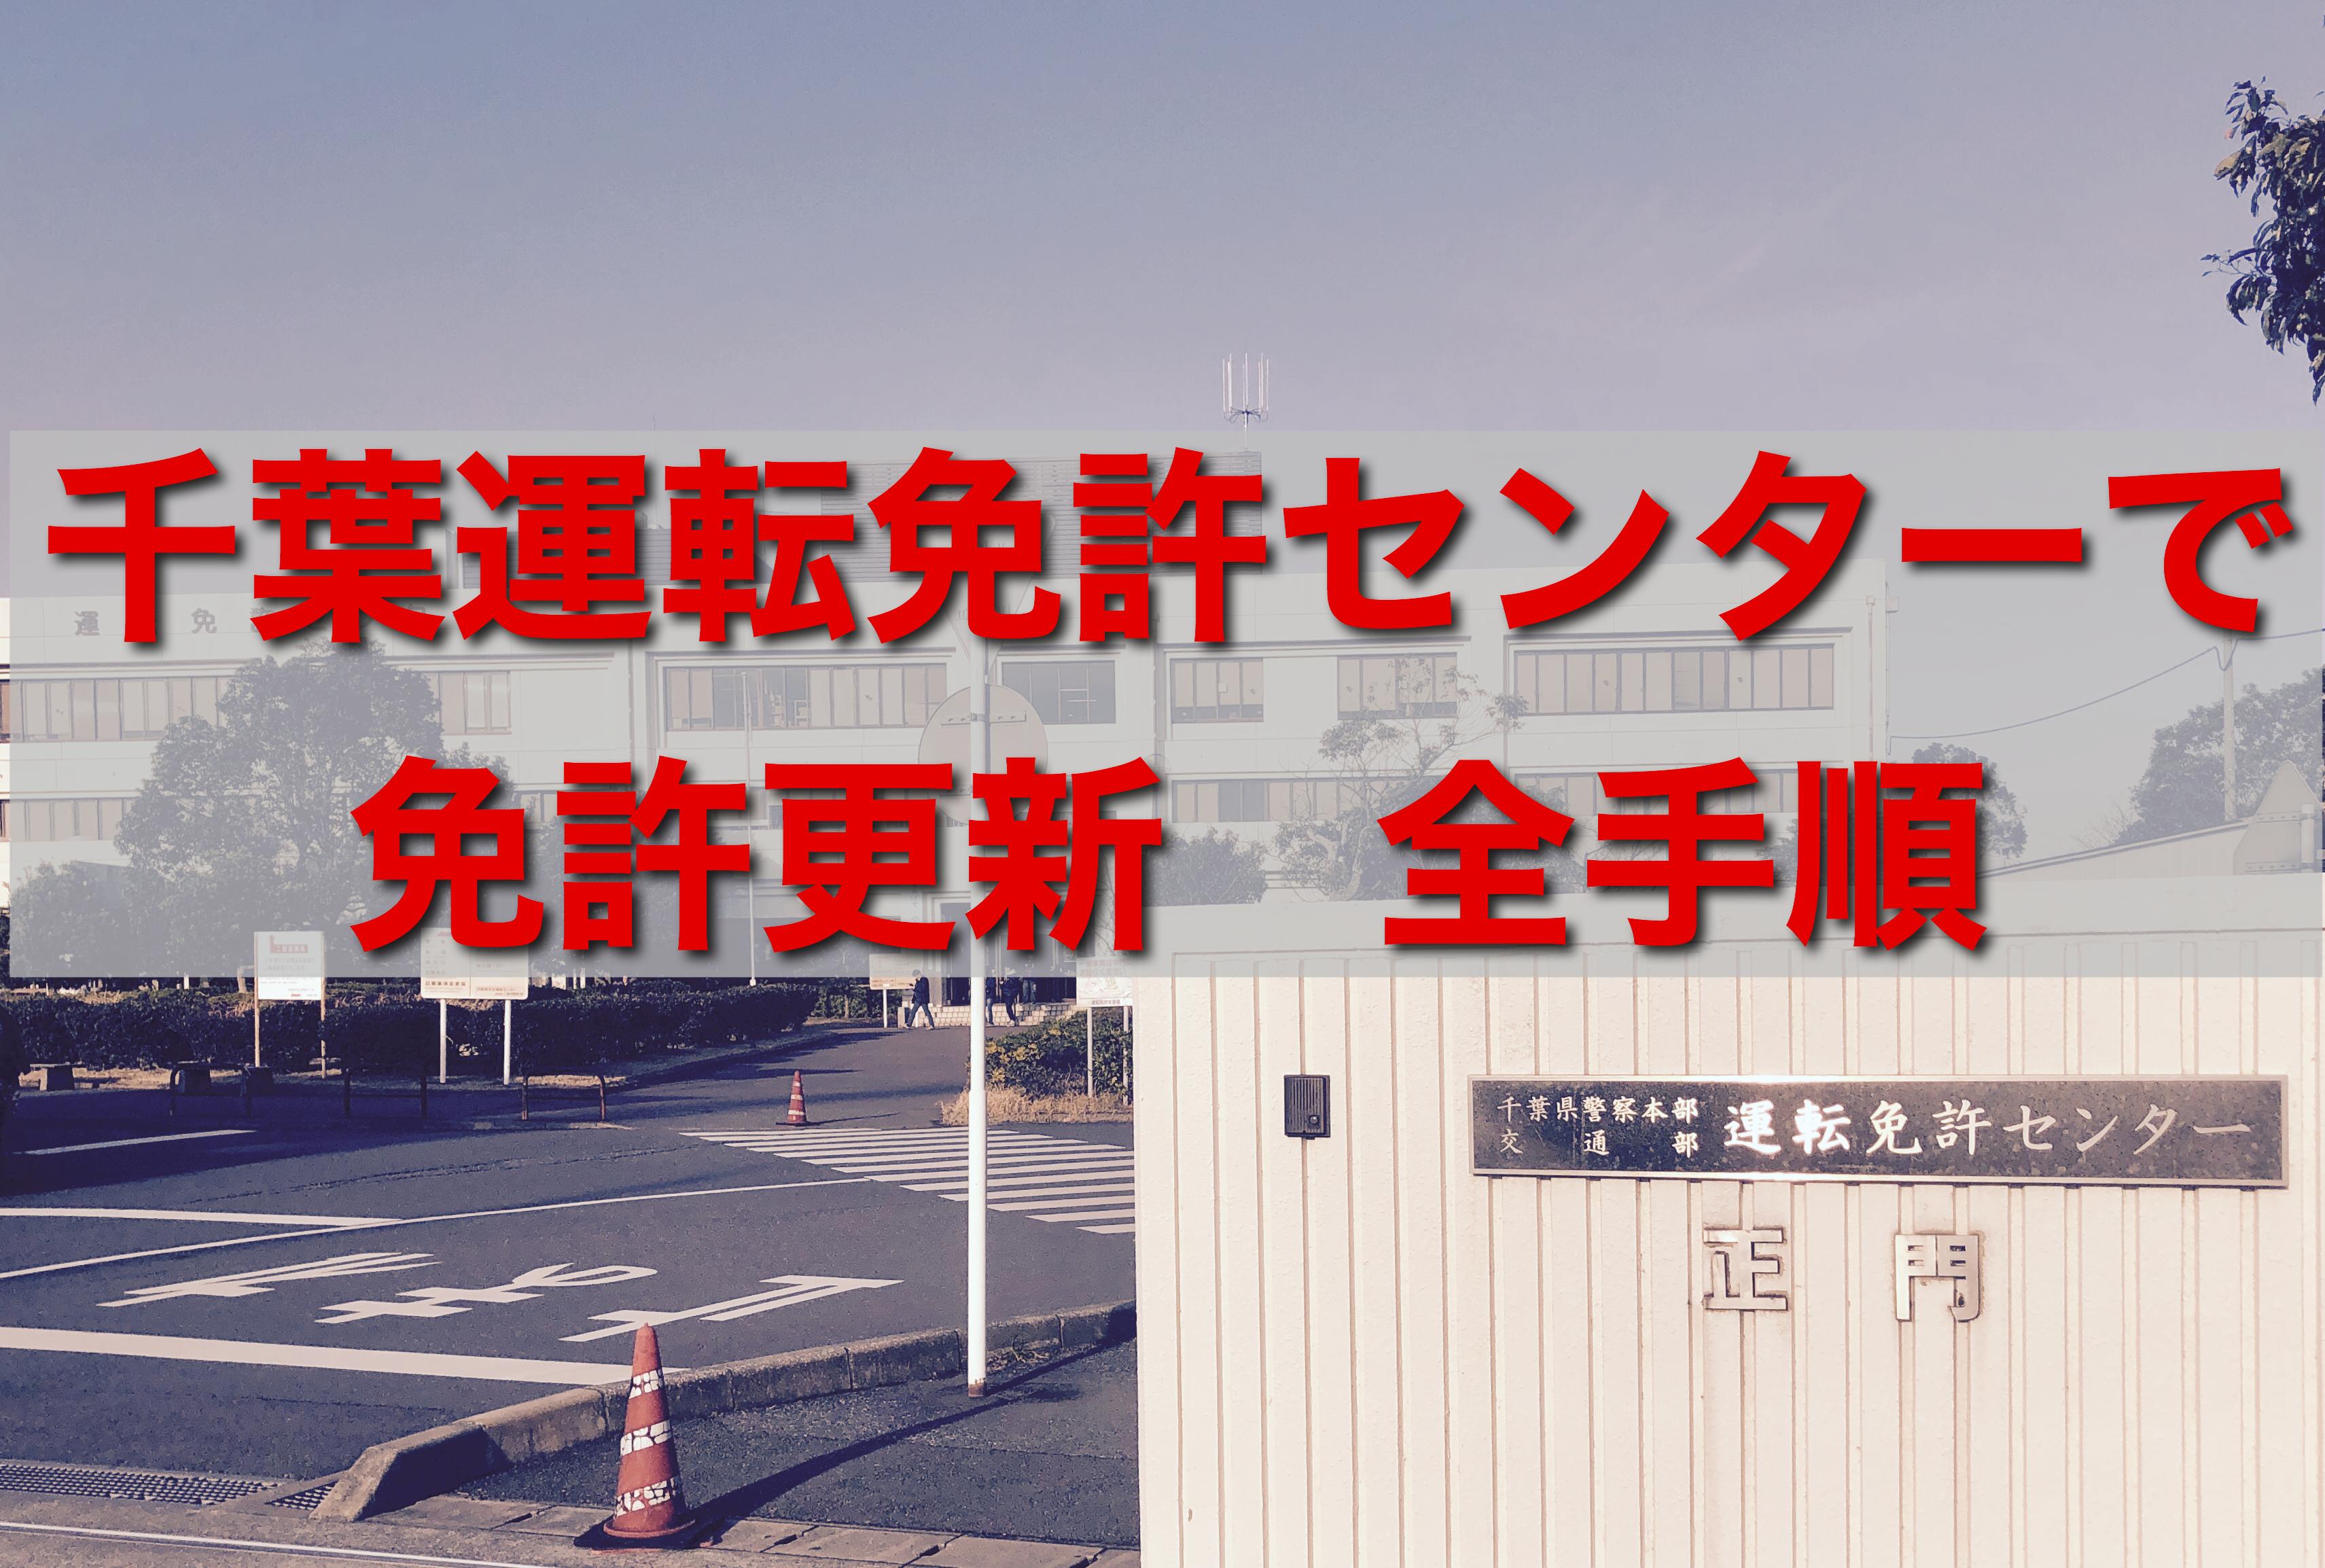 千葉 免許 センター 千葉県免許センター幕張の混雑状況と更新を早く終わらせる方法まとめ!